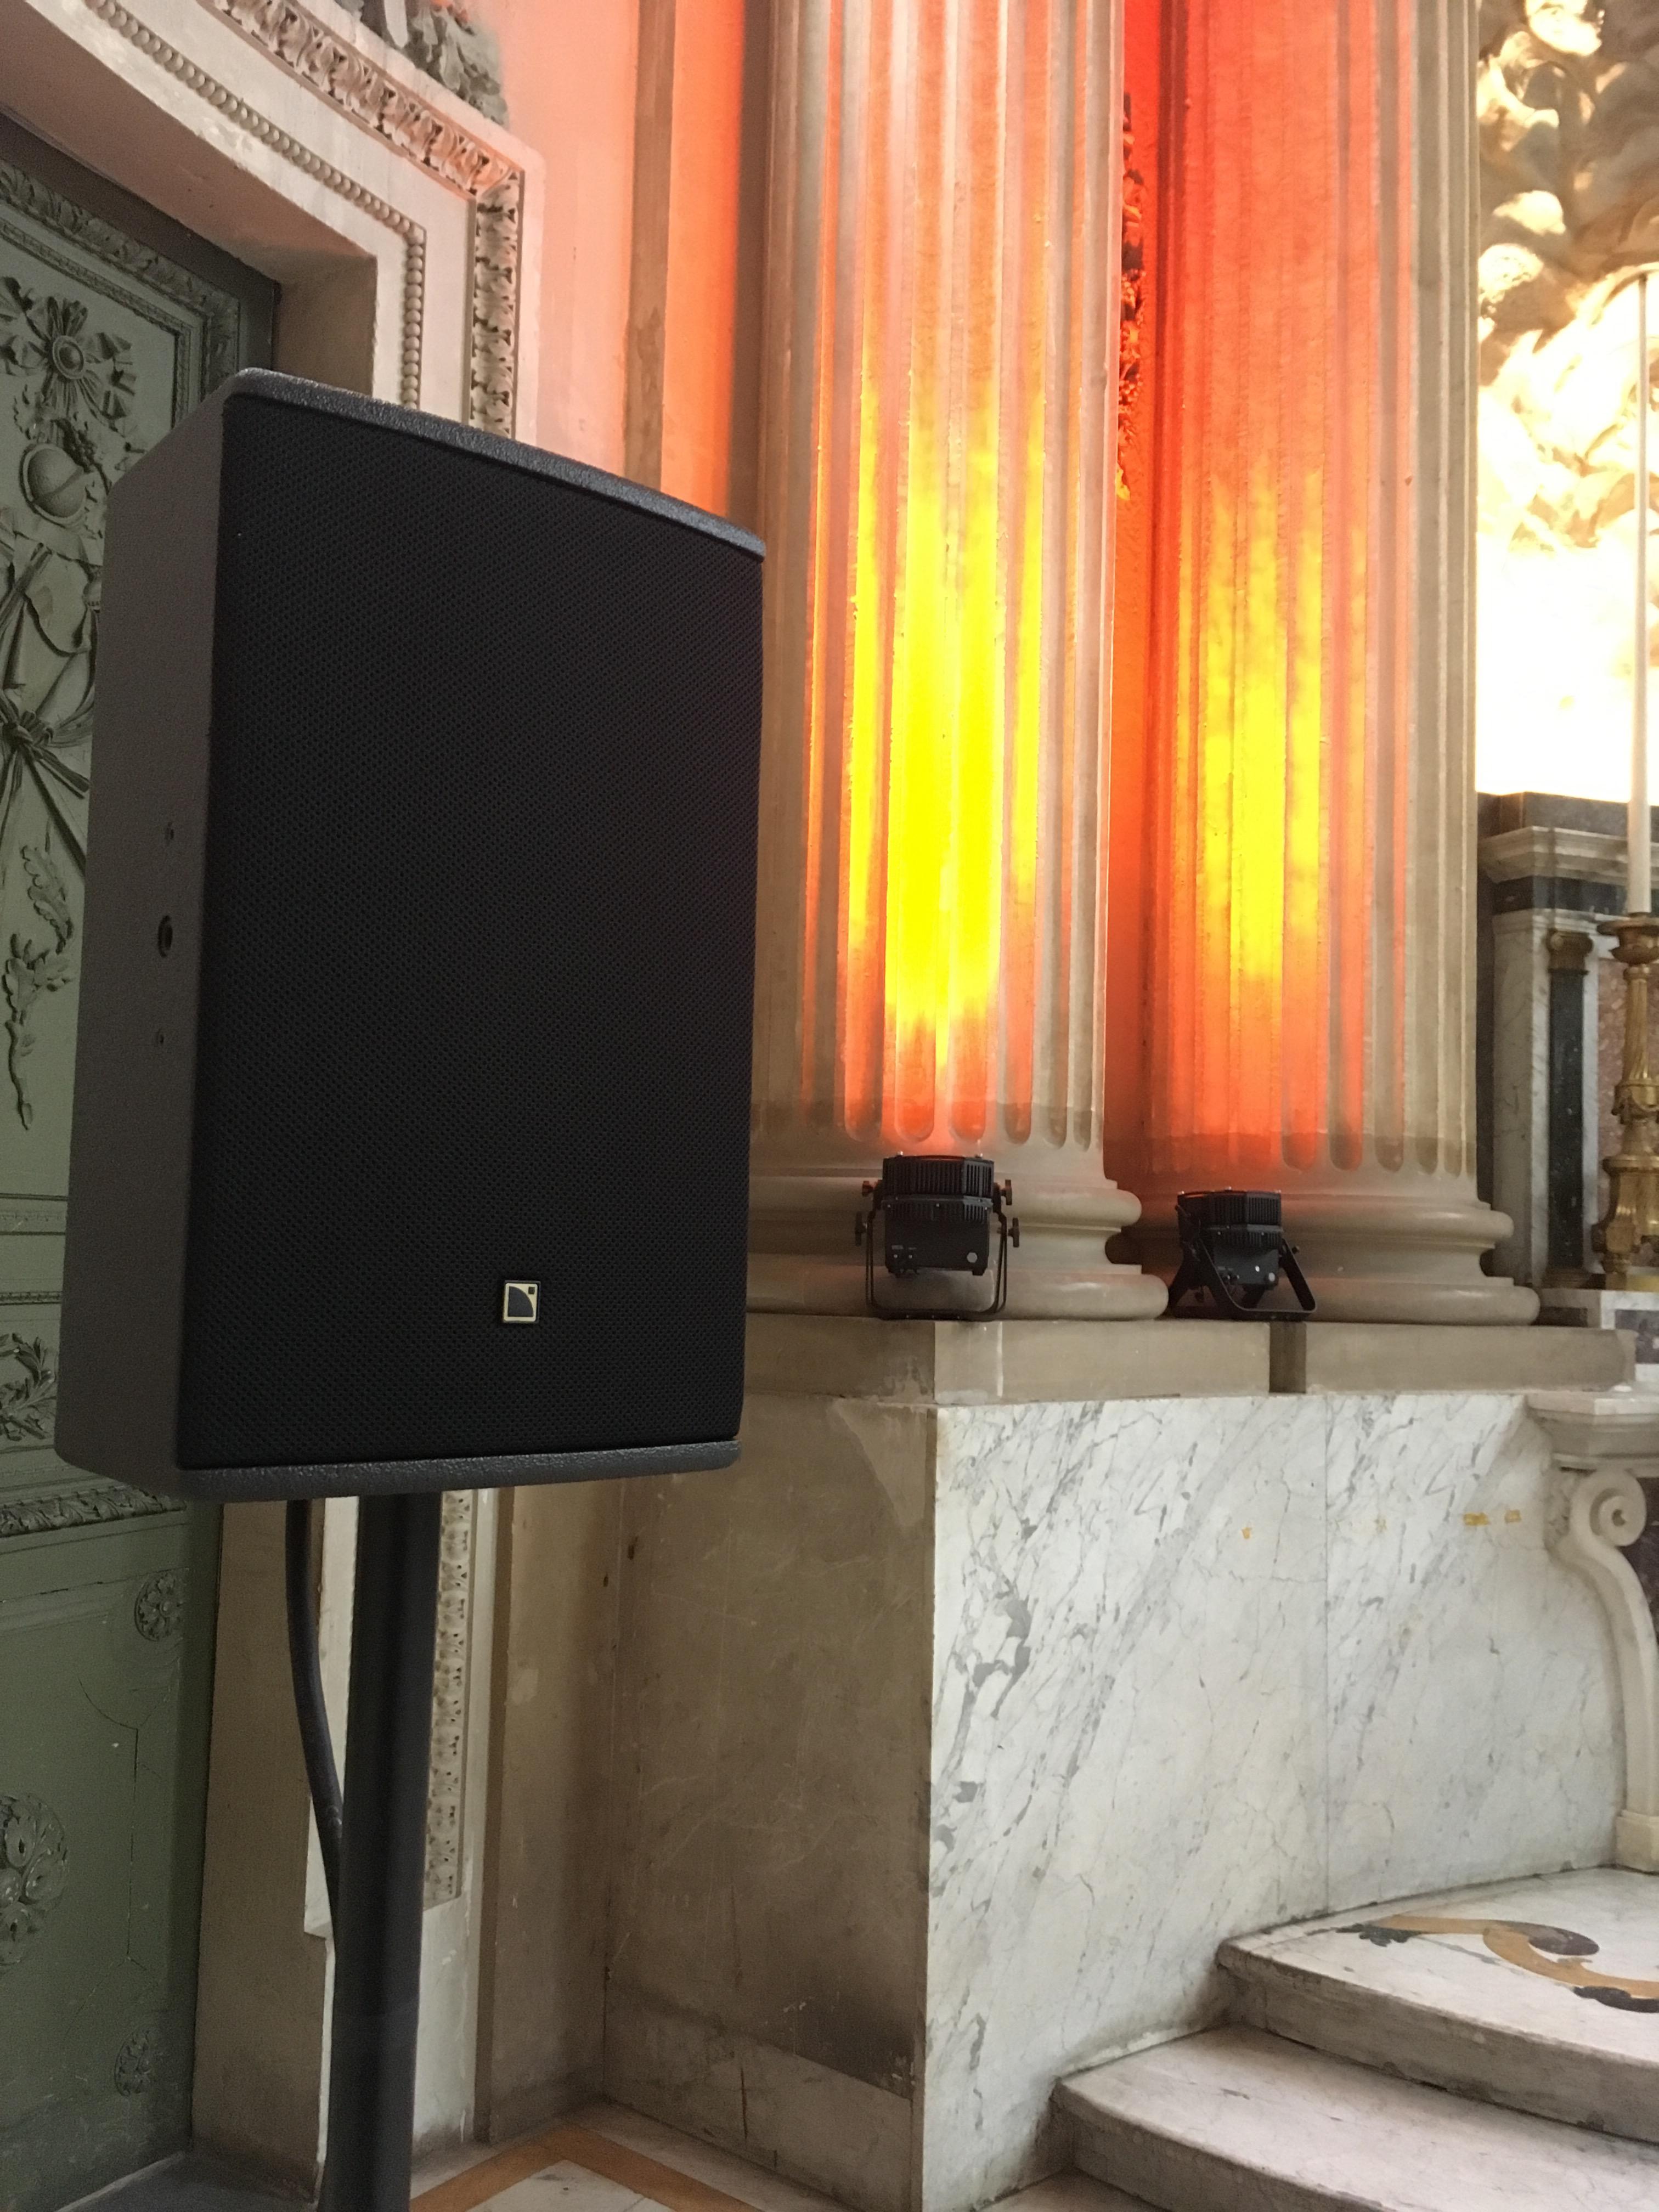 Matériel de sonorisation et d'éclairage en ligne